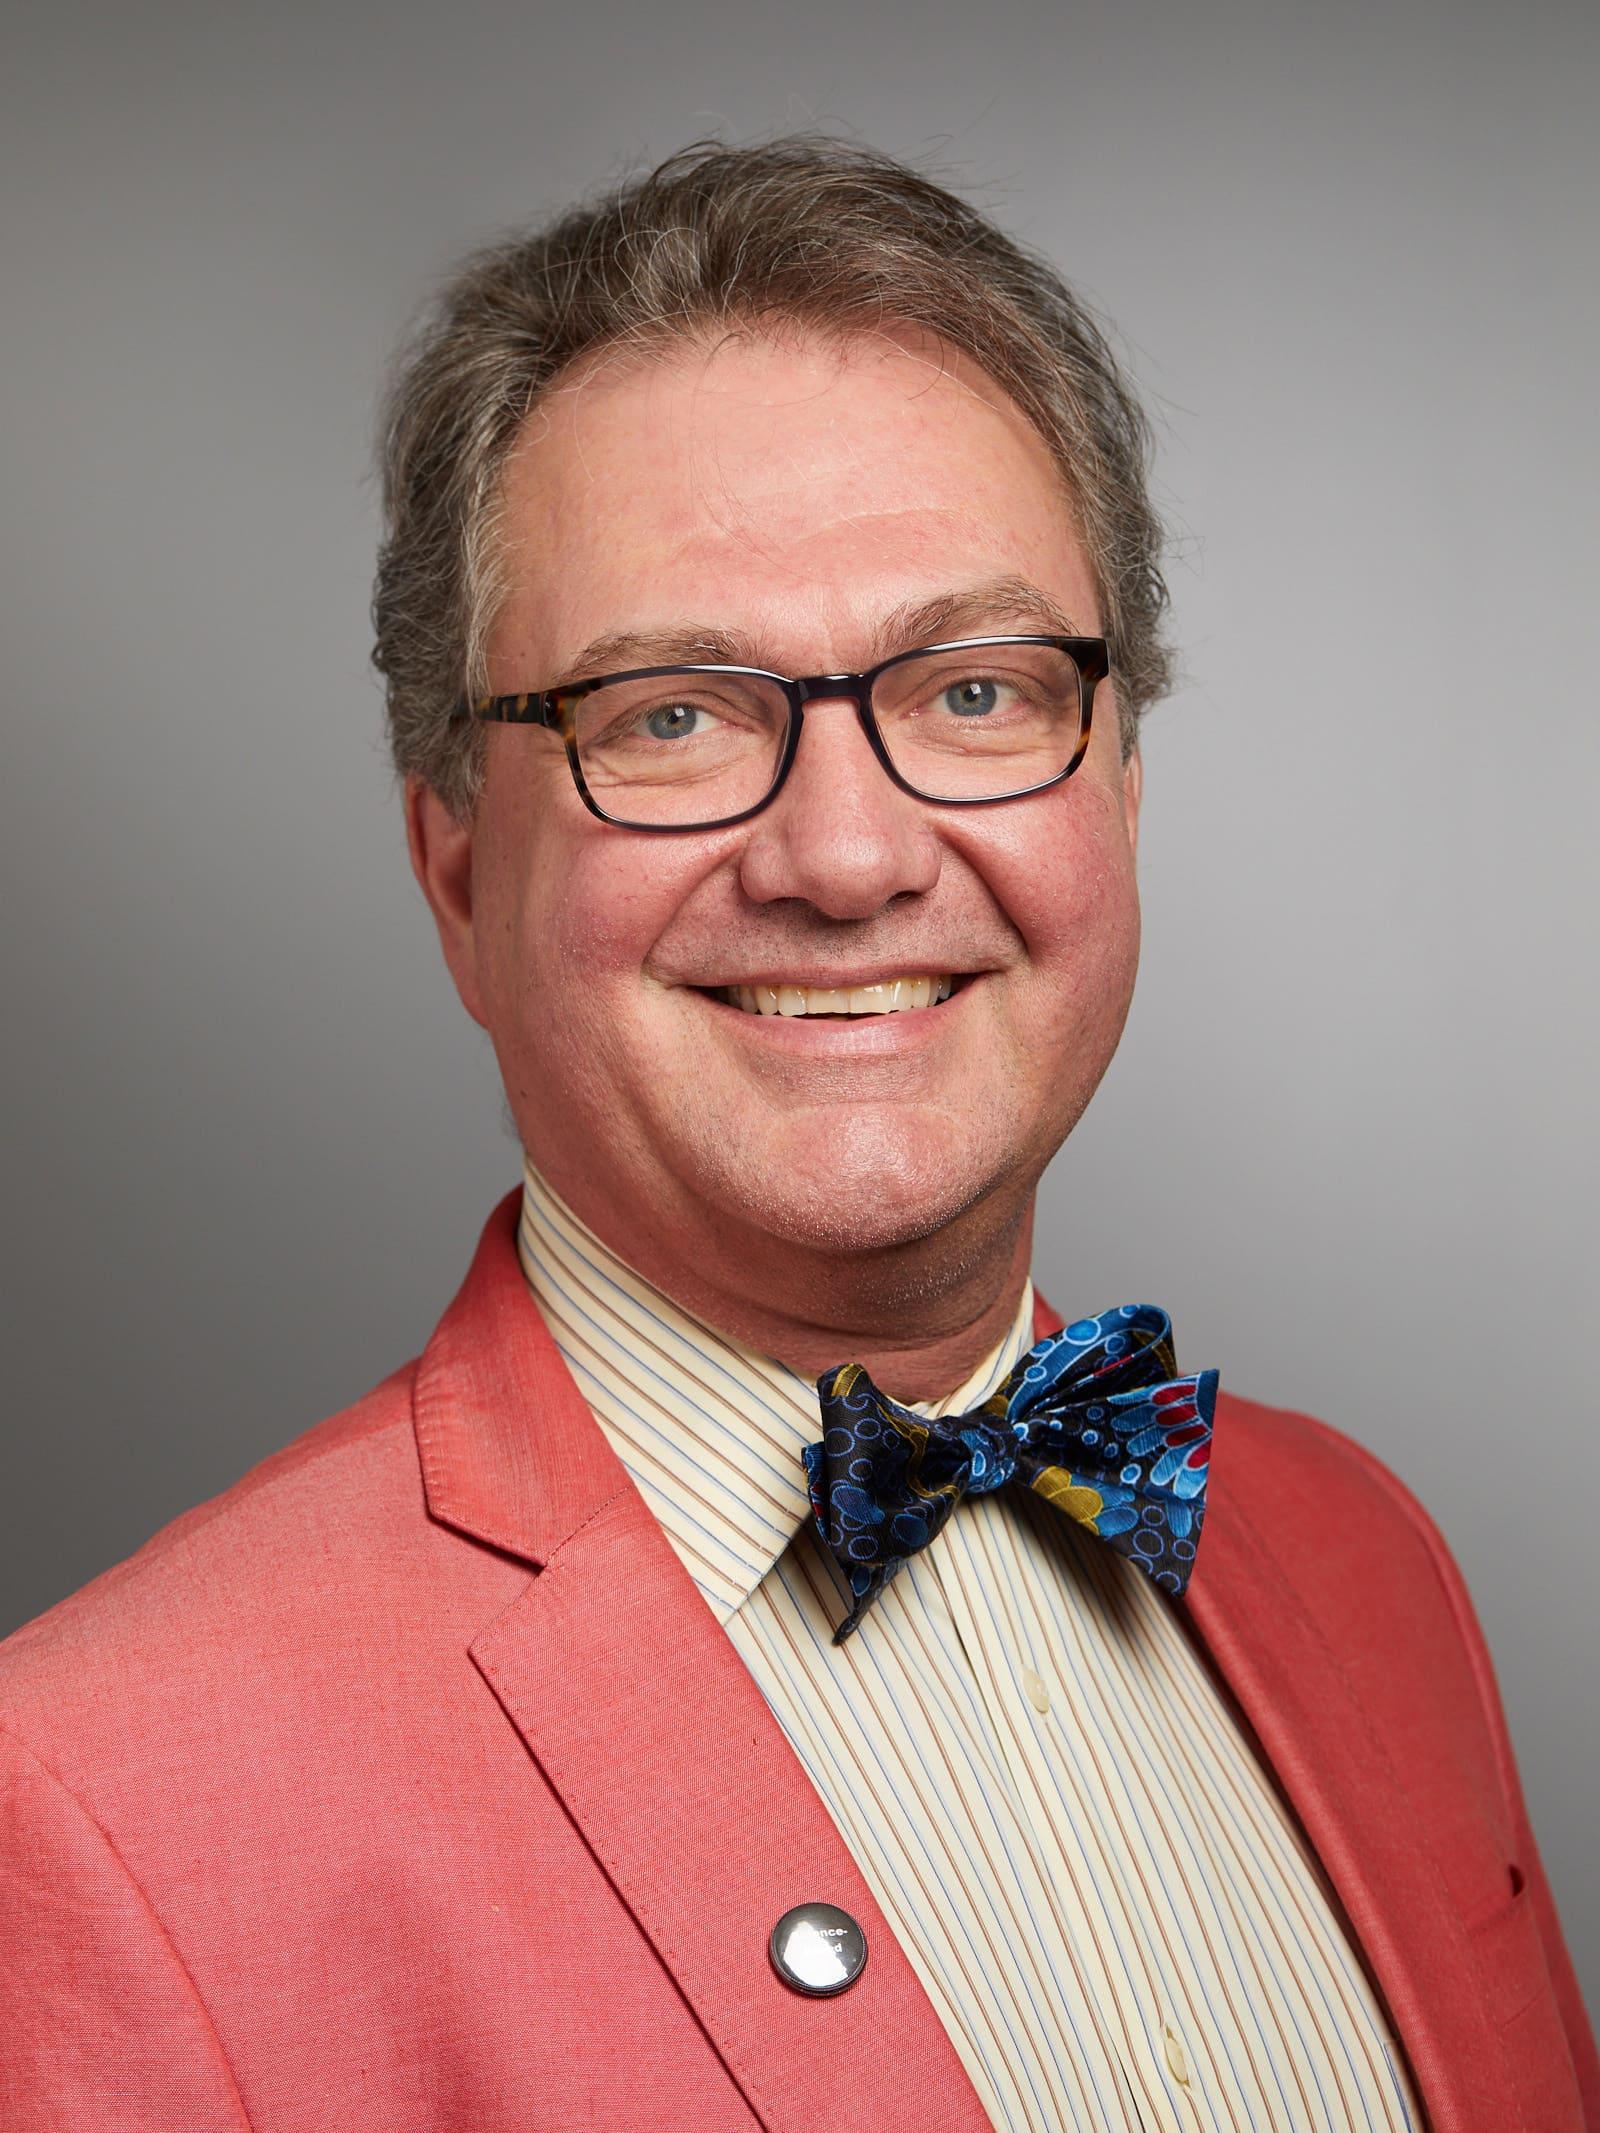 Christopher Gottschalk